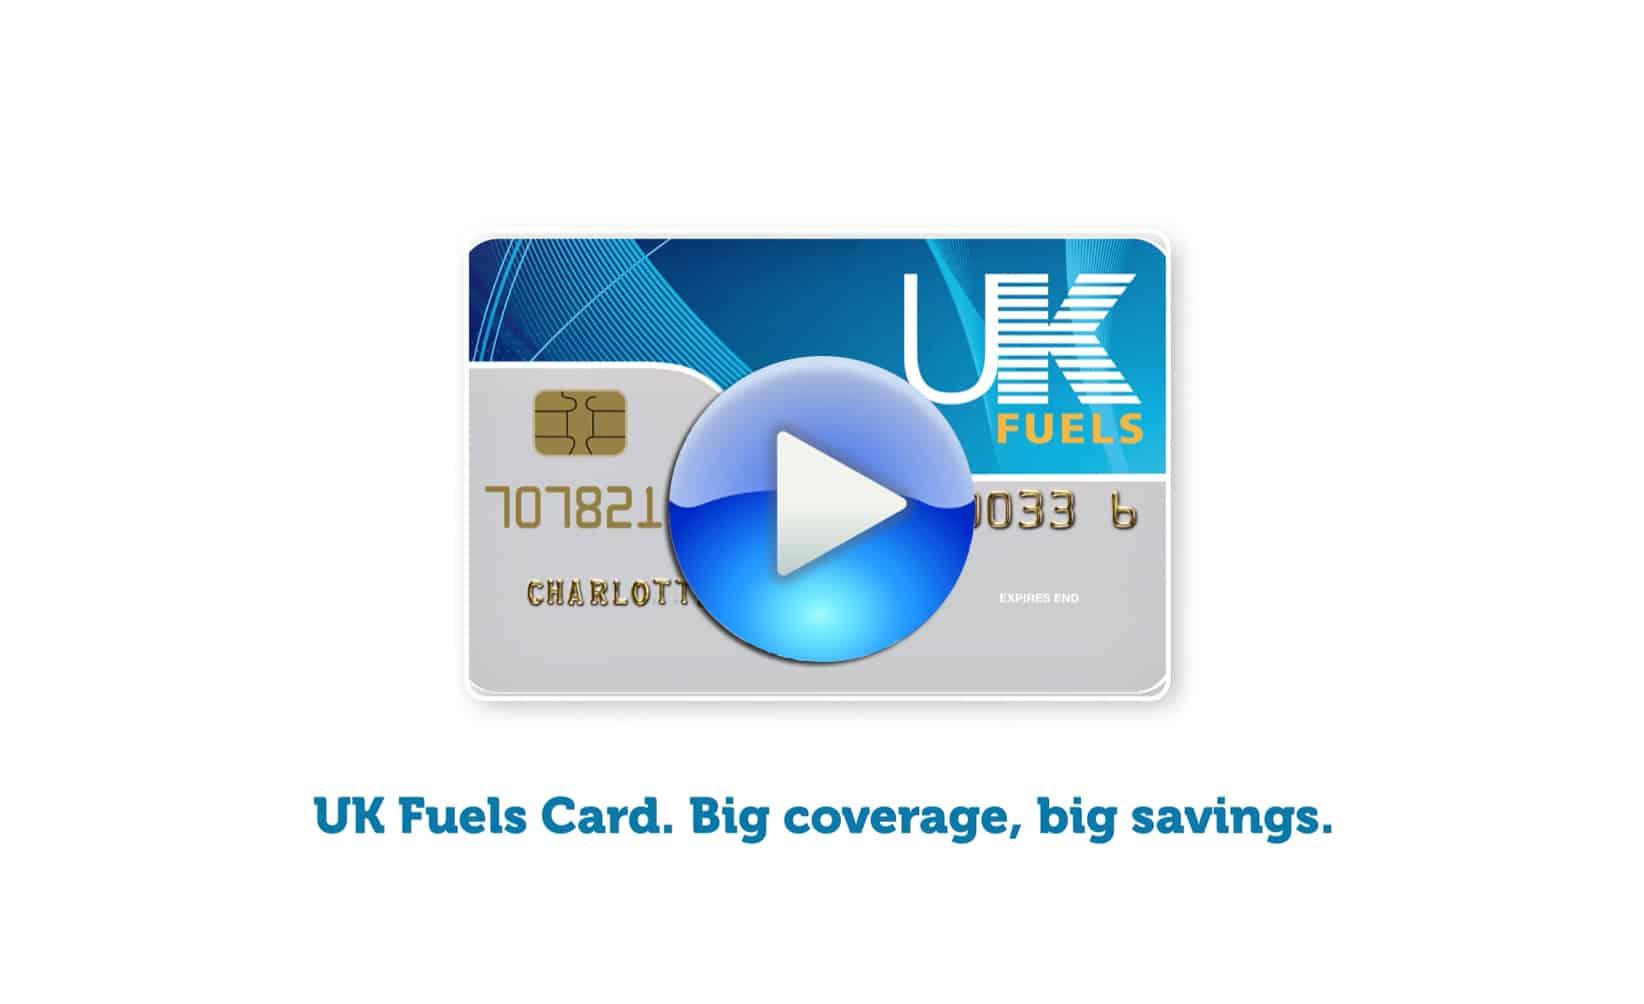 UK Fuels Discount Fuel Card